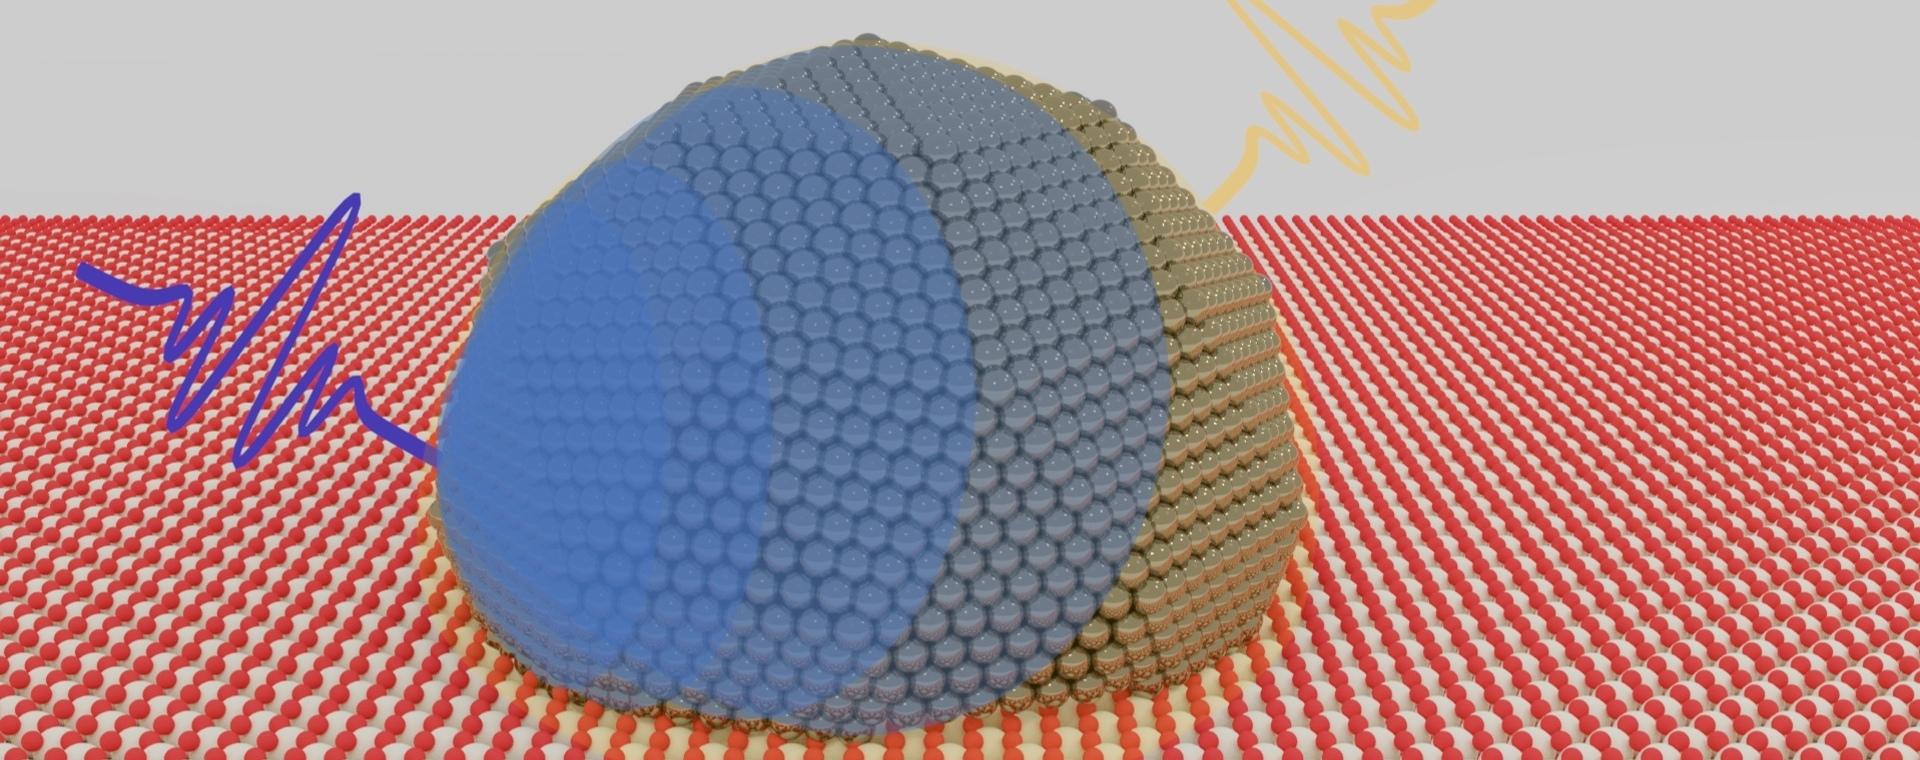 Luce e nanoparticelle per una catalisi 'verde'